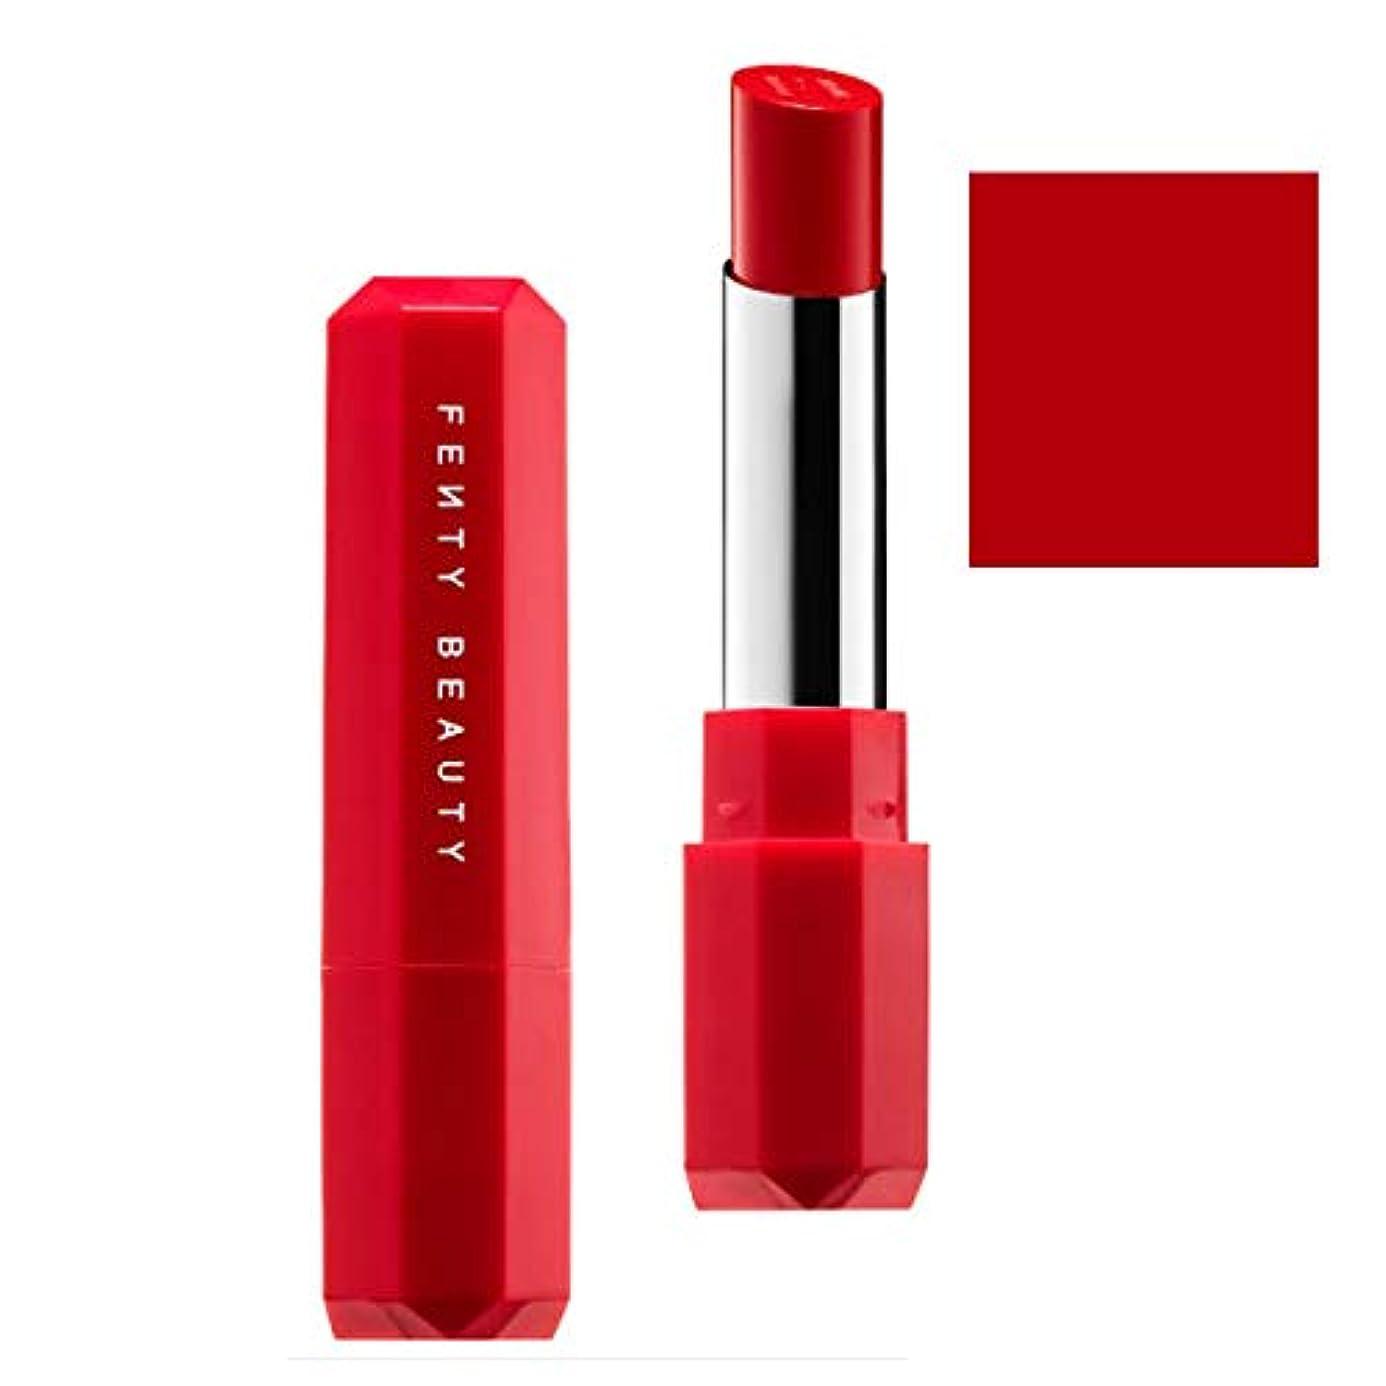 確かに導出ボリュームFENTY BEAUTY BY RIHANNA,New!!, 限定版 limited-edition, Poutsicle Juicy Satin Lipstick - Hot Blooded [海外直送品] [並行輸入品]